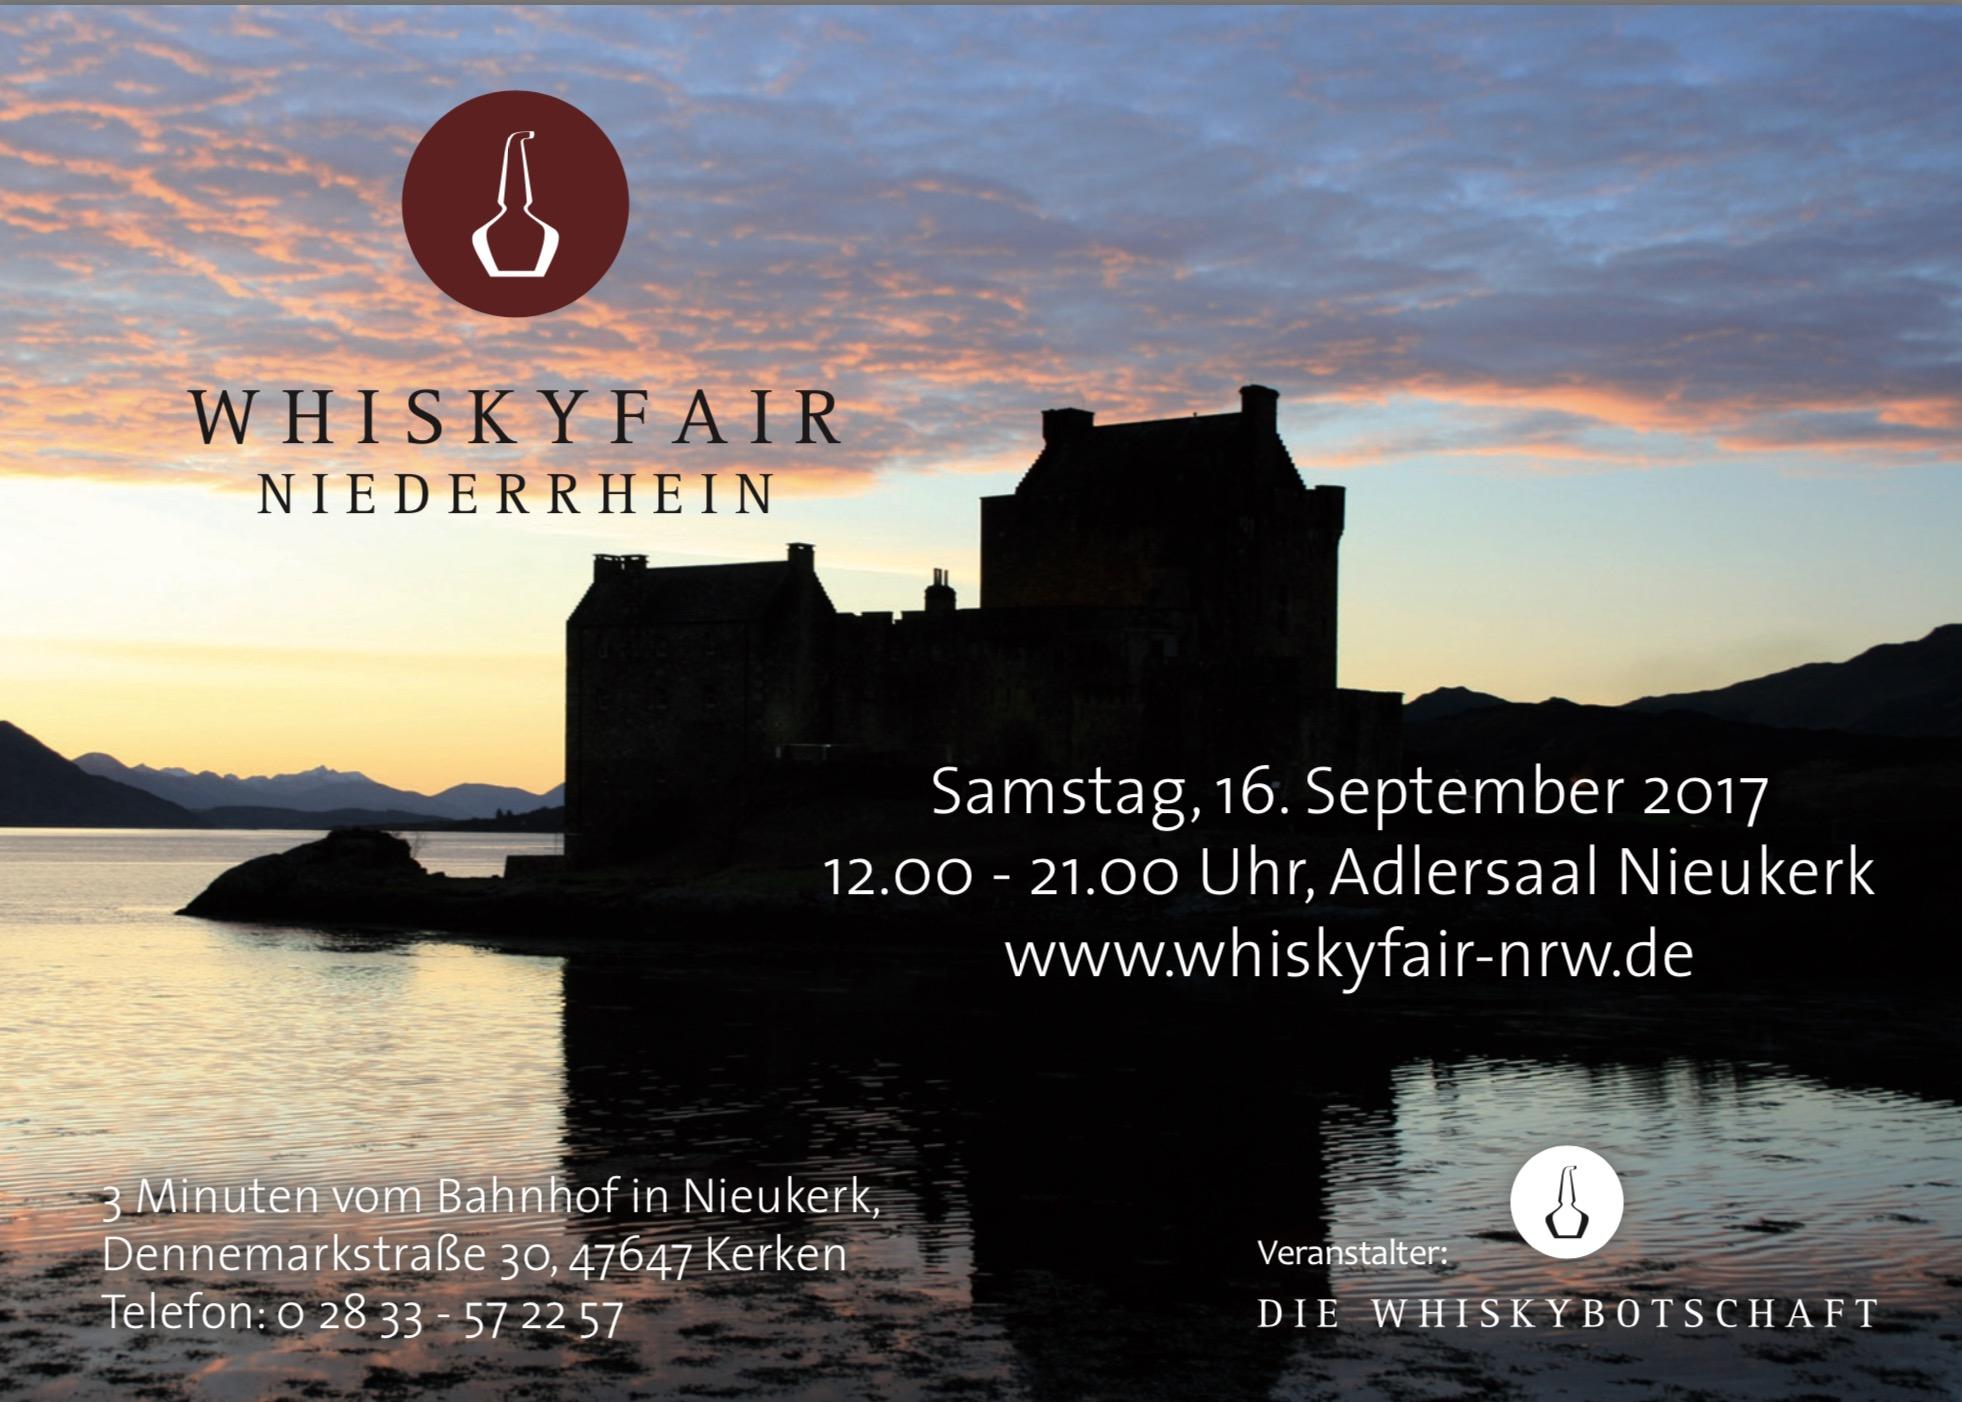 Am 16. September 2017 startet die 3. Whiskymesse am Niederrhein!